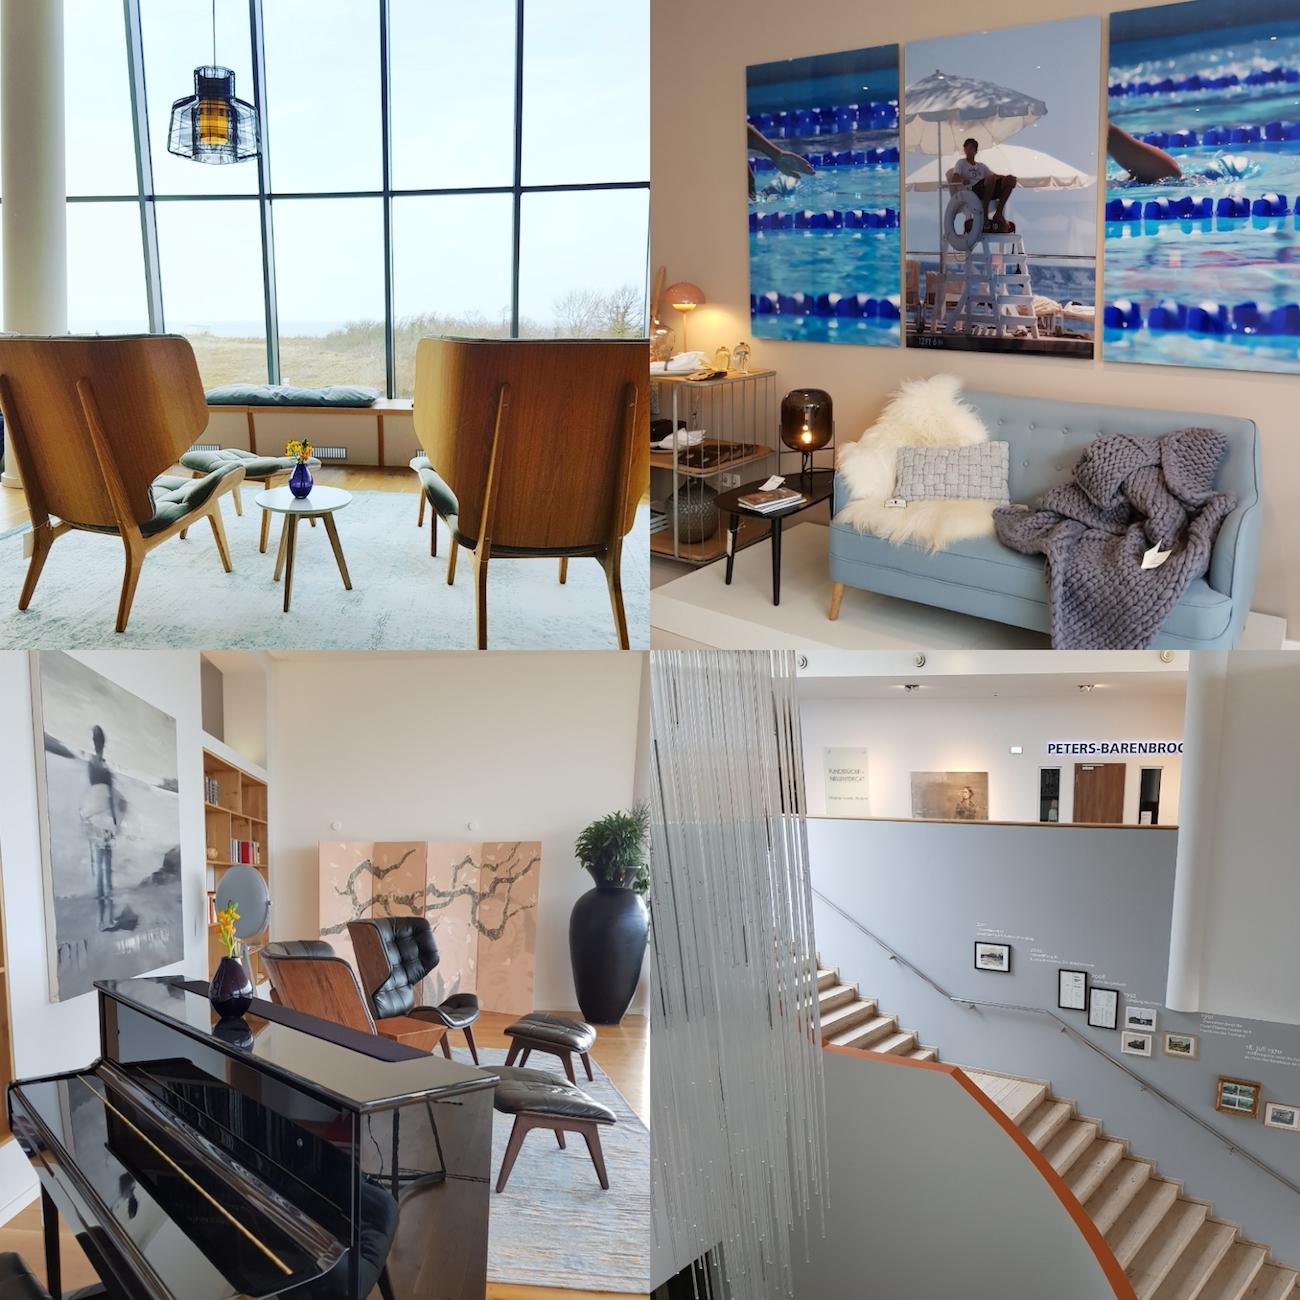 Designermöbel und Kunstwerke verschiedener Künster/-innen können sogar käuflich erworben werden